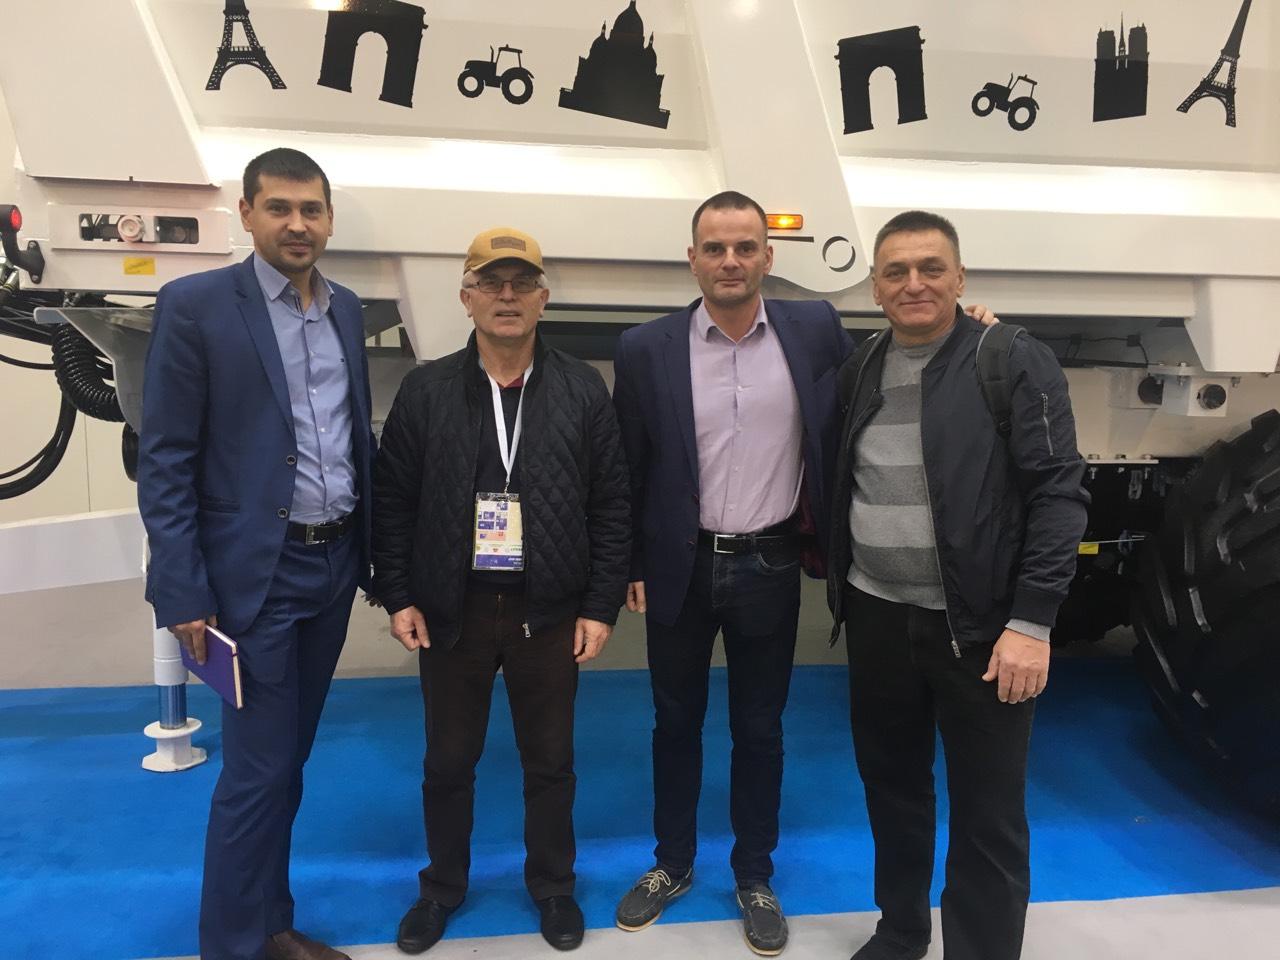 Представники ПП «Західний Буг» Юрій Одноріг (другий зліва) та Ігор Біскуп (крайній справа) на стенді компанії Brochard